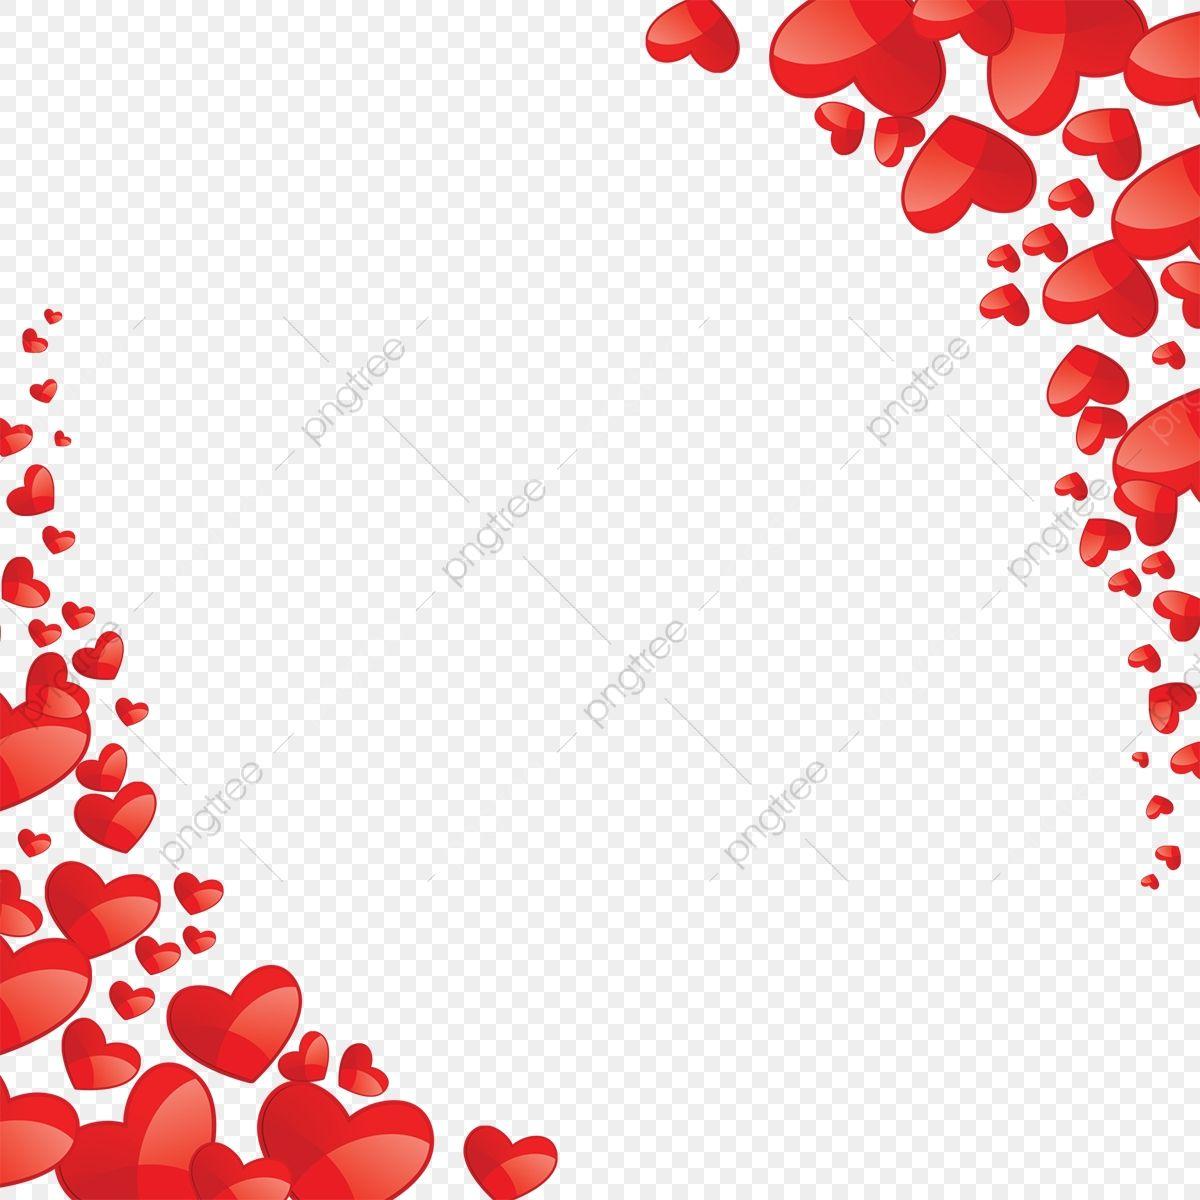 Vetor De Coracao Lindo Coracao Vermelho Quadro Imagem Png E Psd Para Download Gratuito Valentine Clipart Free Clip Art Heart Vector Free